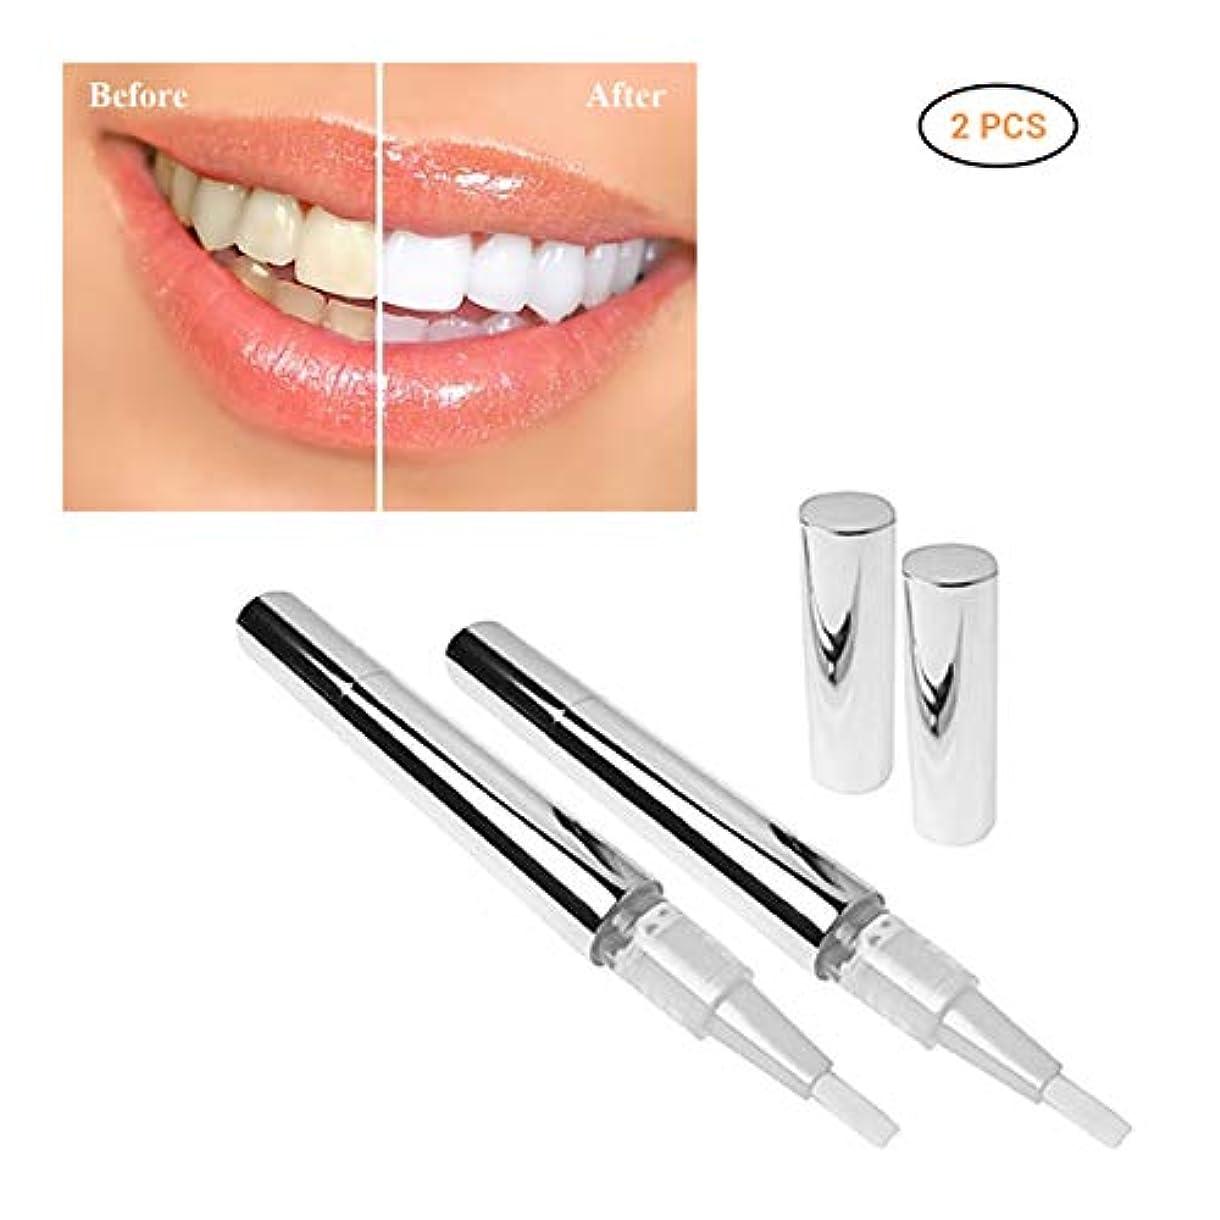 れんがと組む調停するBTSMAT ペンホワイトニングペン歯のホワイトニングステインイレーサーリムーバー口腔衛生ホワイトニングペン